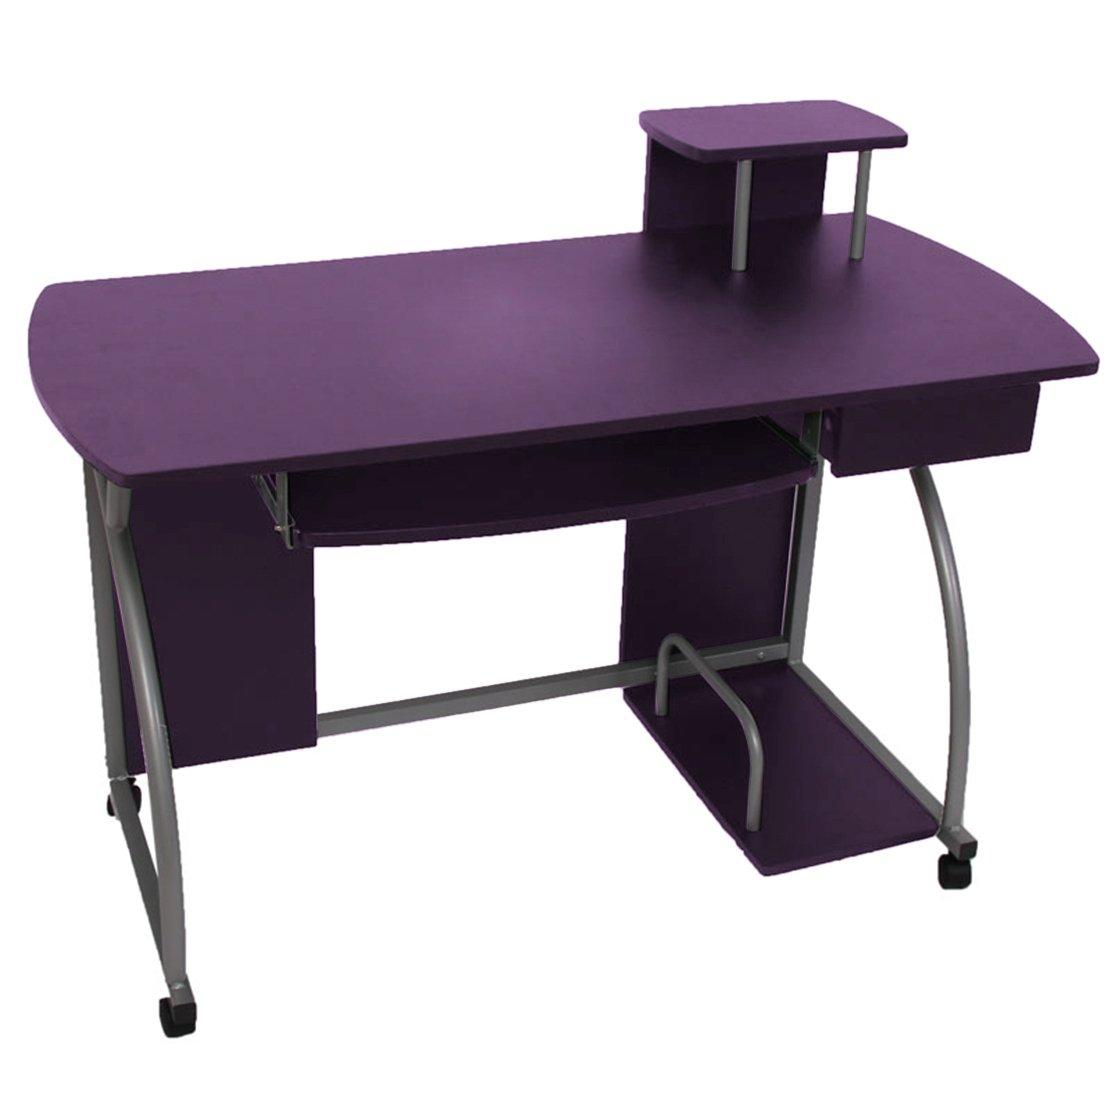 Jugend-Schreibtisch Computertisch Bürotisch Ohio II, ca 90x115x55cm ~ lila günstig bestellen